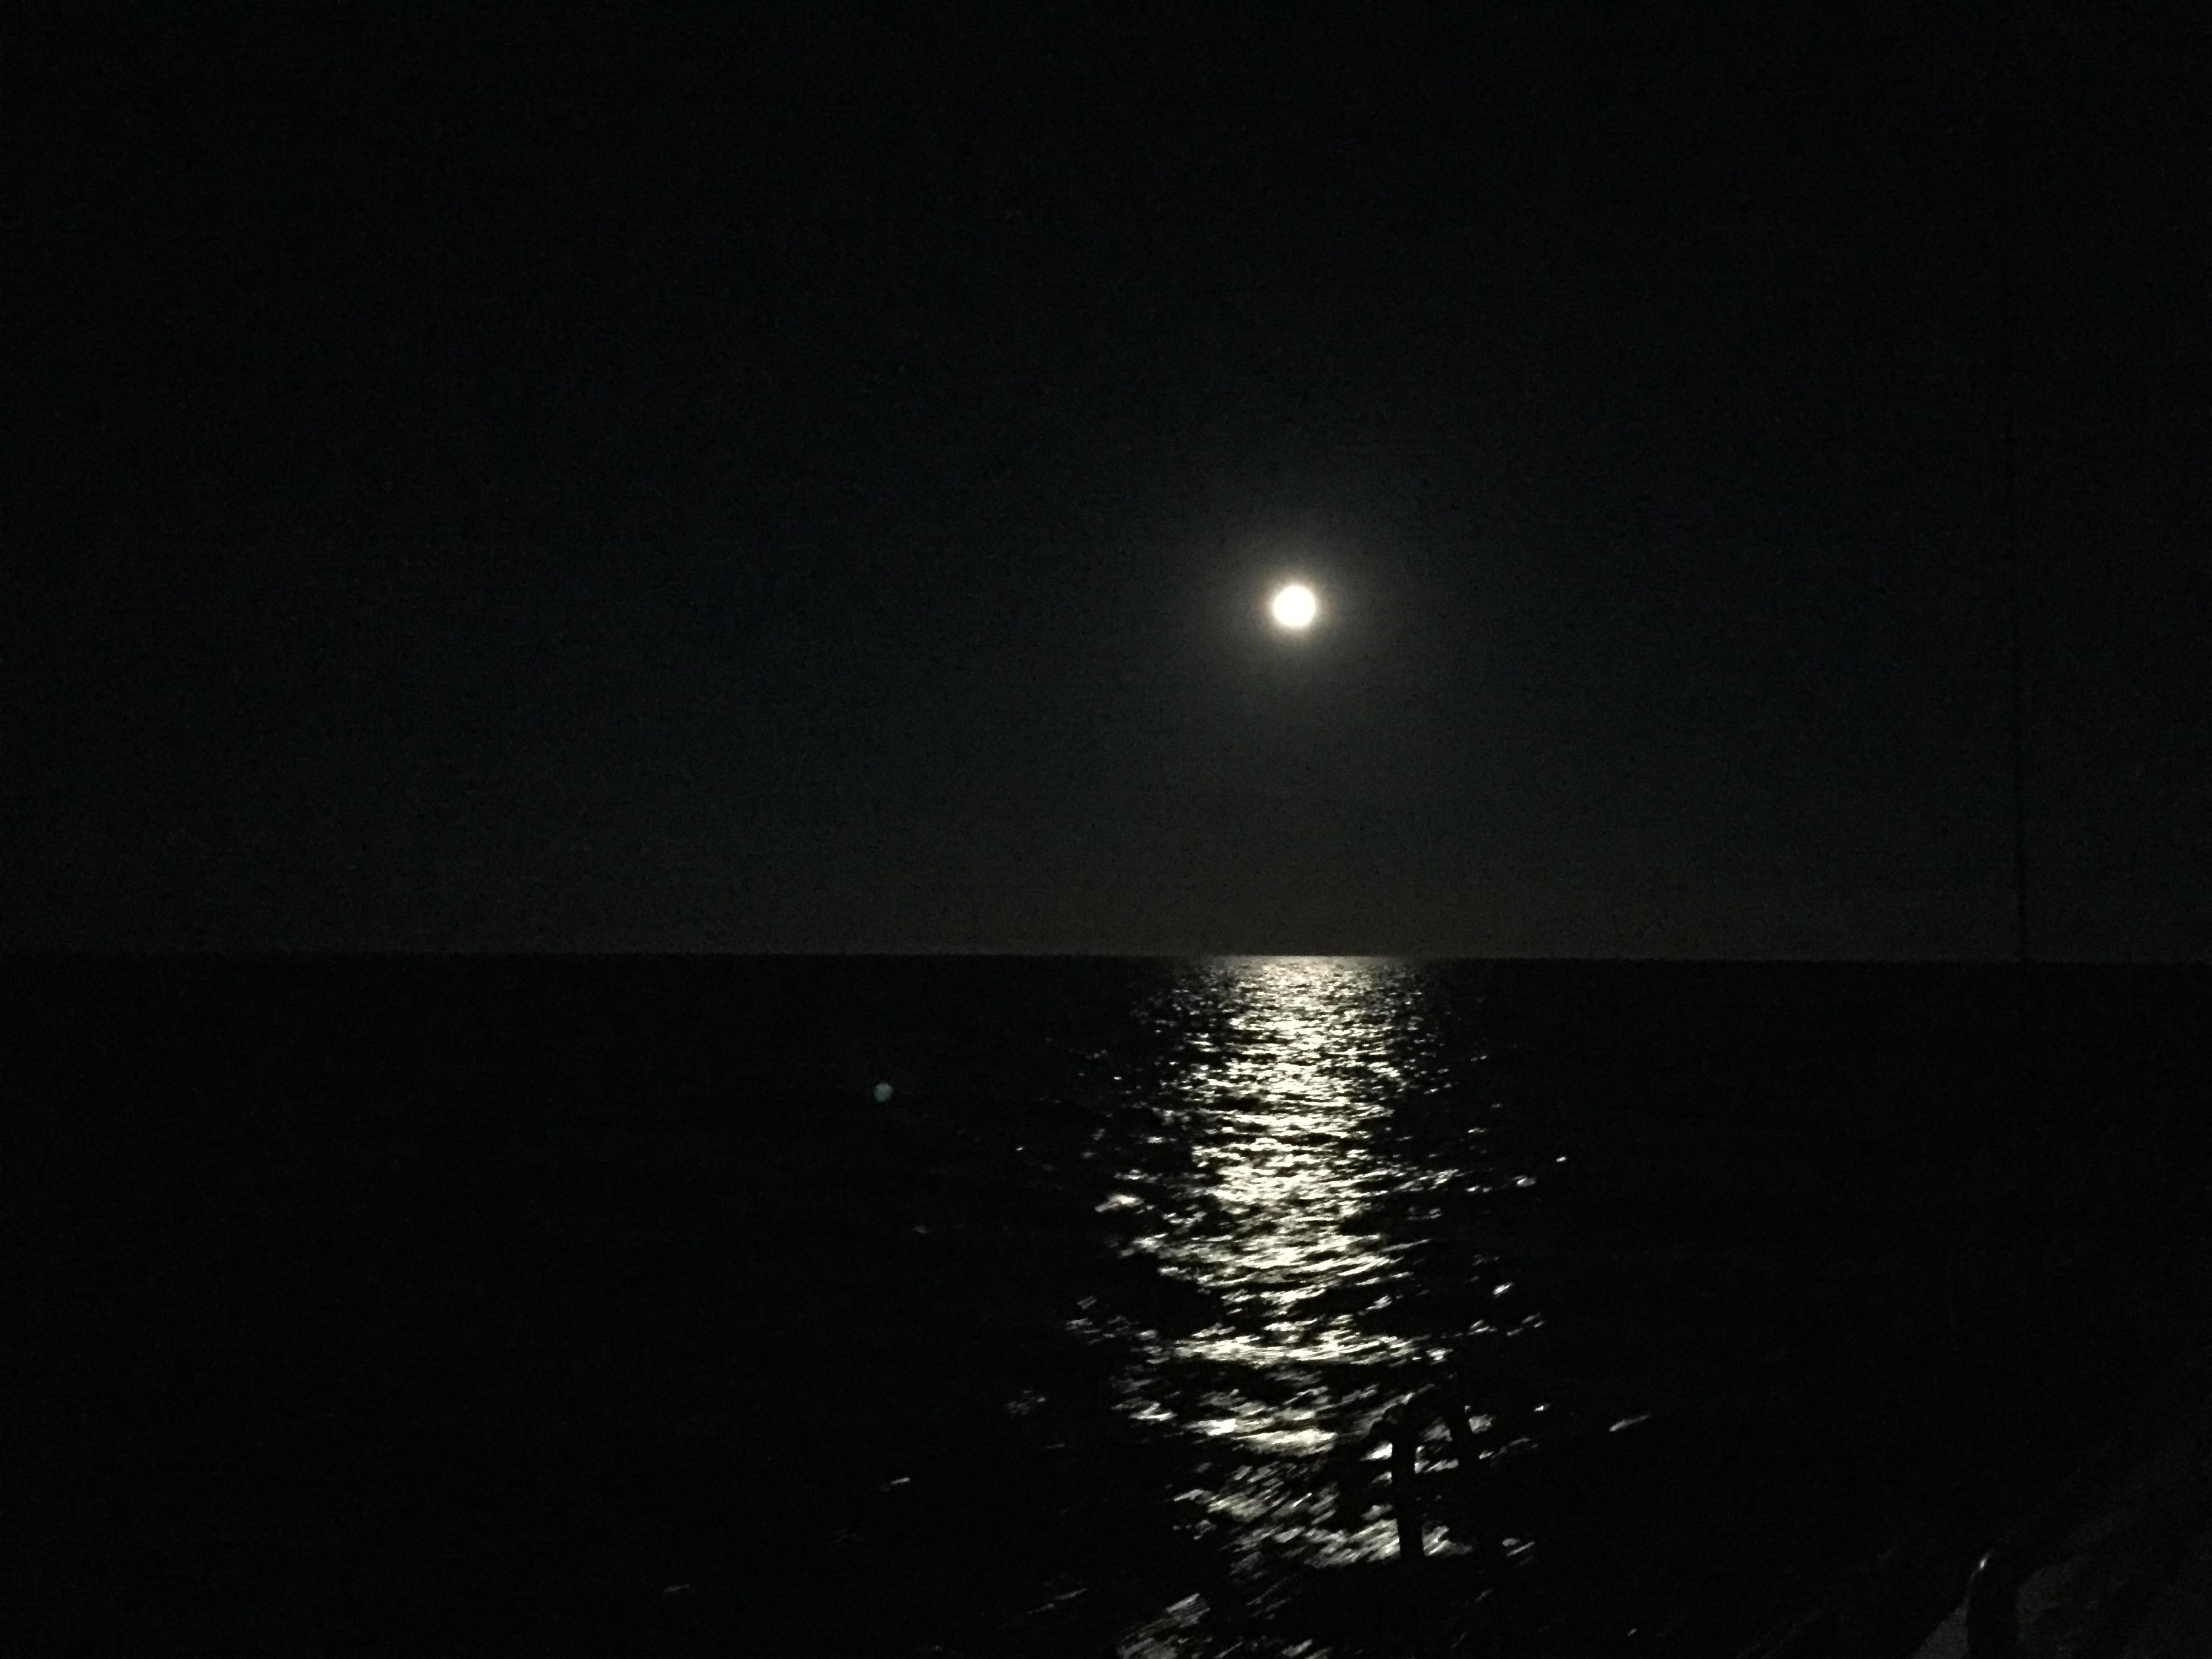 天气预报,贝尔法斯特,东海岸,北大西洋,爱尔兰 遇故人人来人去,赏清月月落月升--《再济沧海》(61)